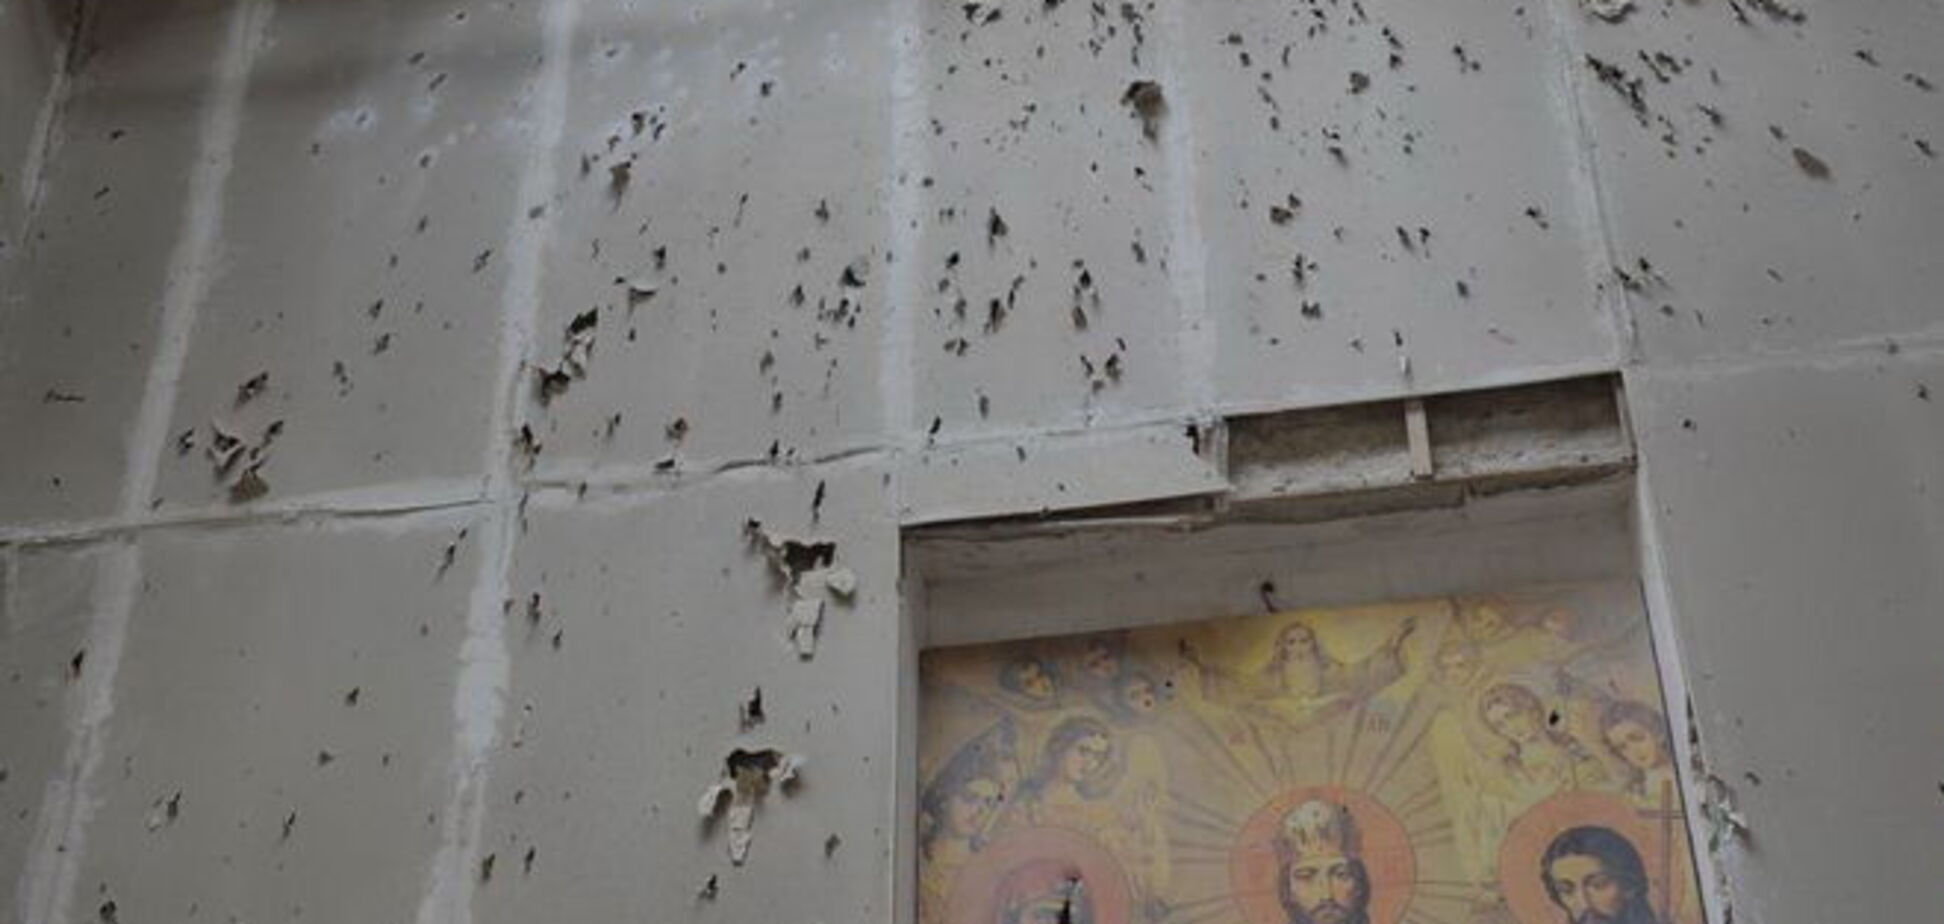 Террористы из 'Градов' разгромили православную церковь ХІХ века: опубликованы фото